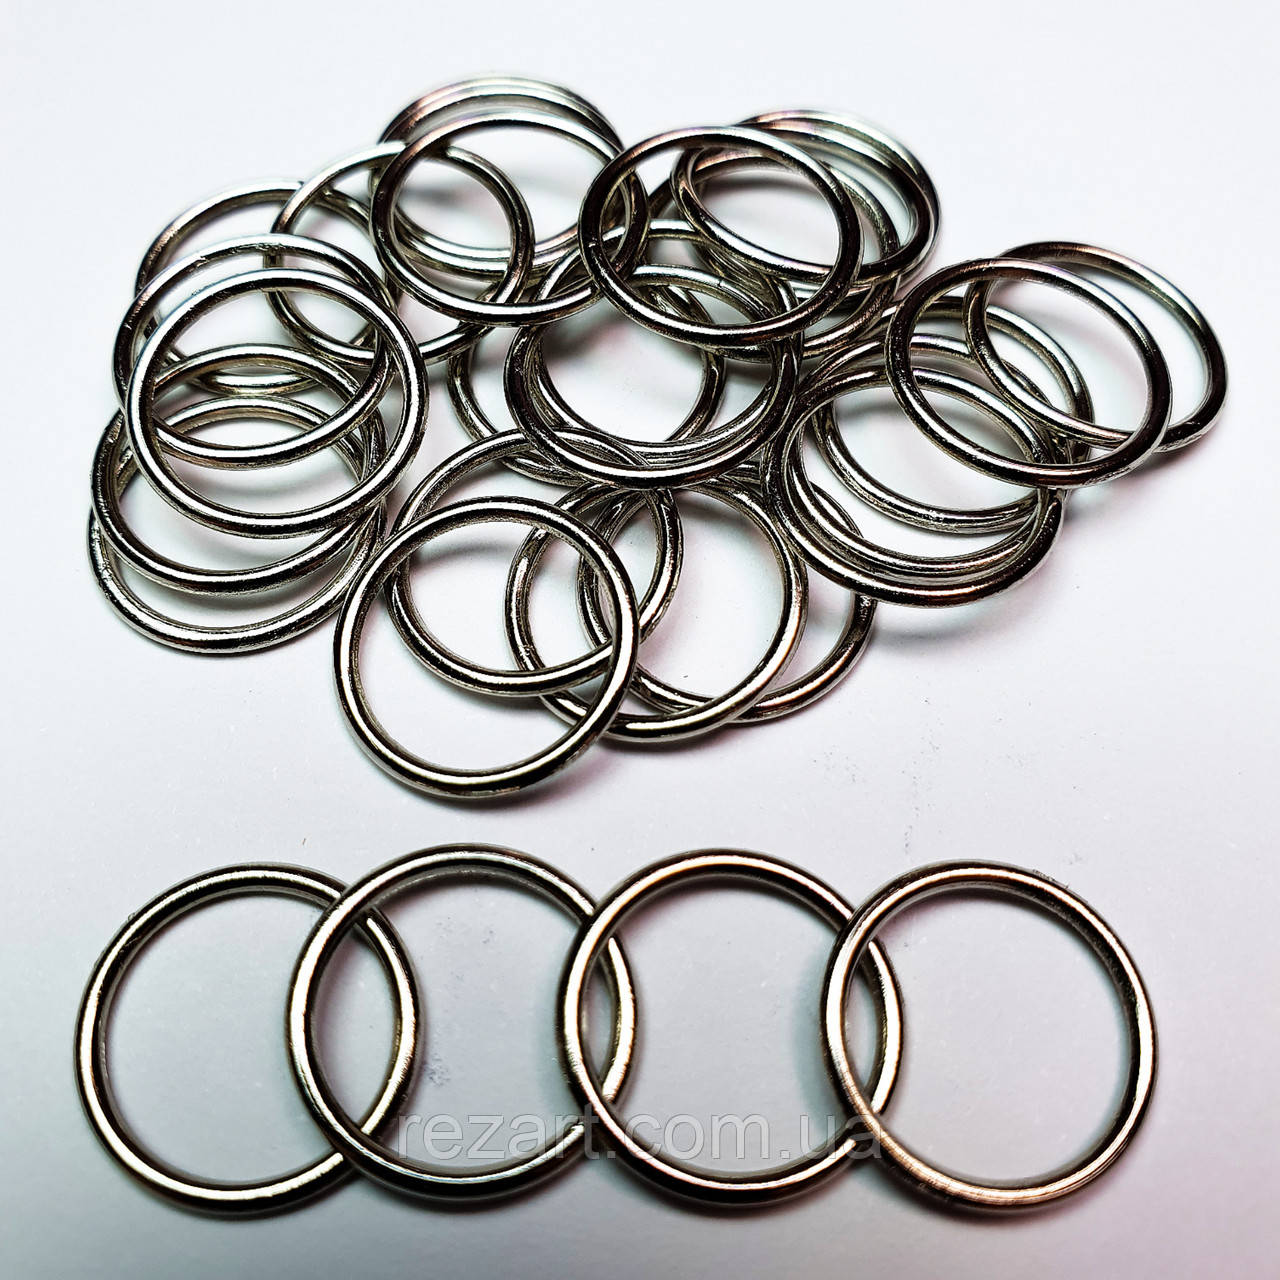 Кільце для бюстгальтера, для бретелей, регулятори 15мм метал чорний нікель (20 шт/уп).